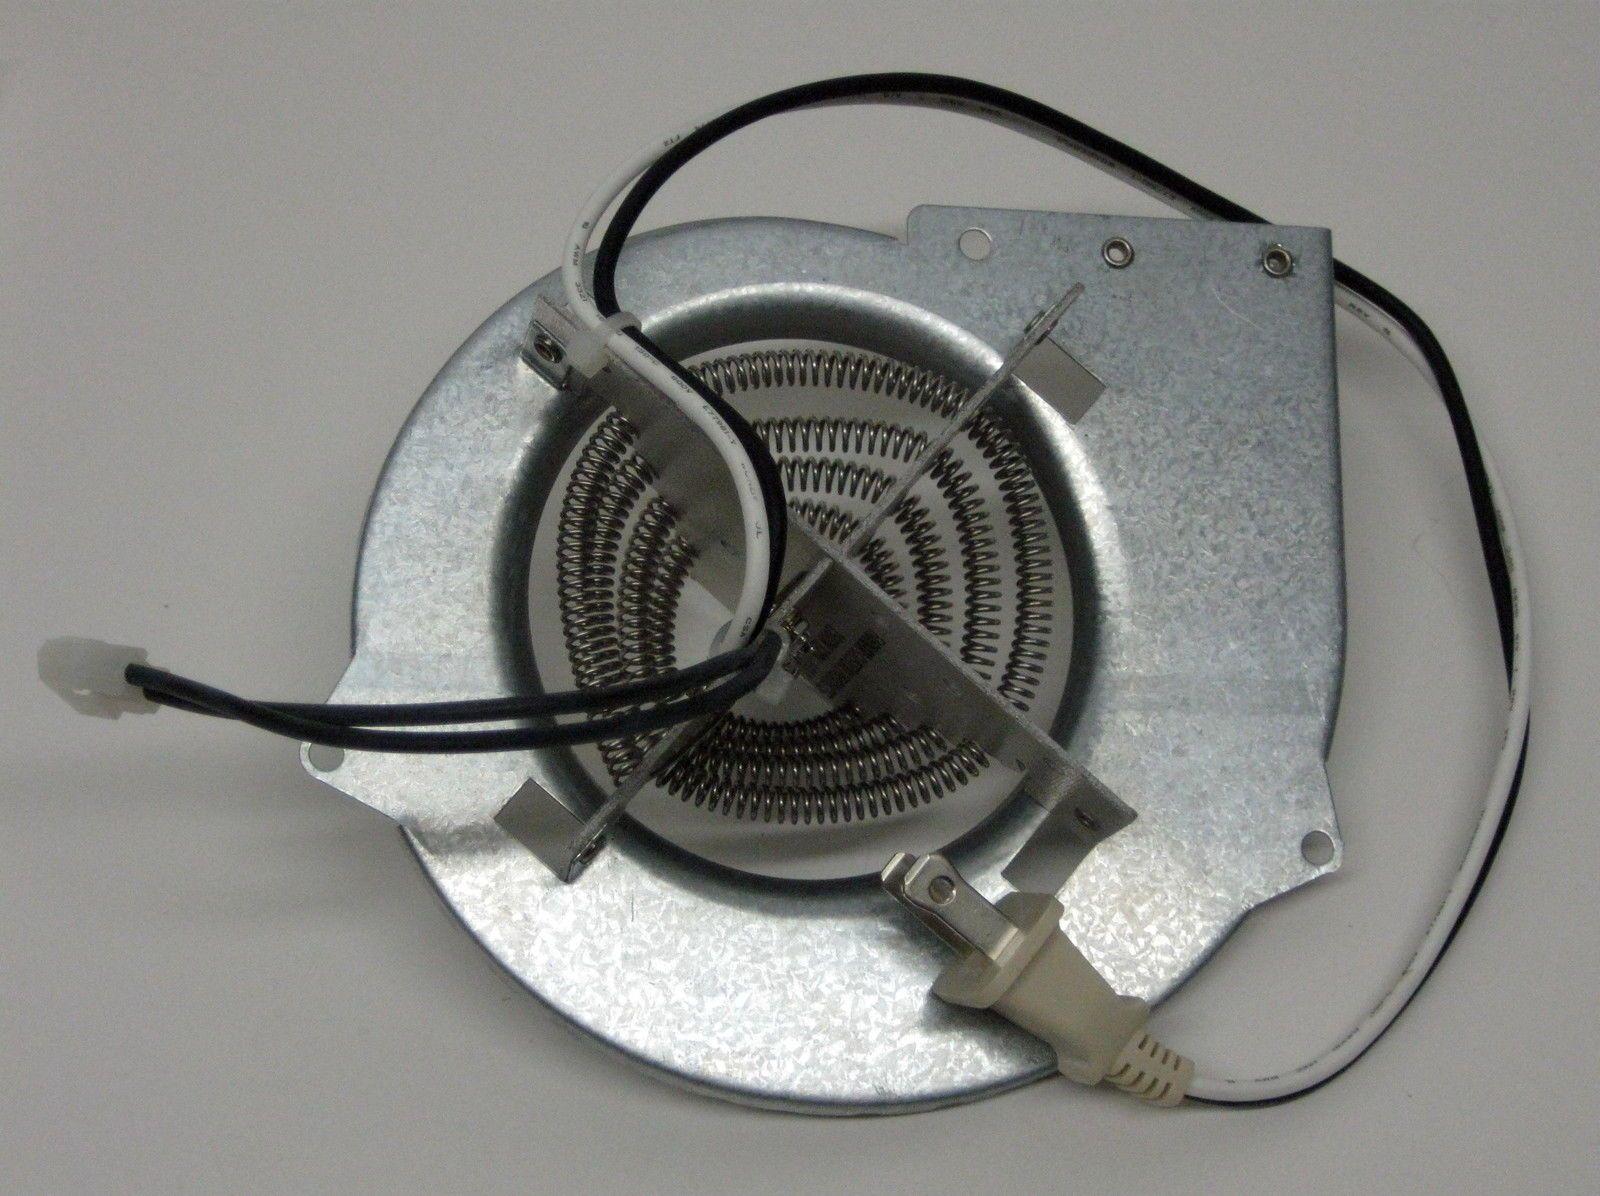 Bathroom Braun Bathroom Fan Broan Ventilation Fan With Light And Heater Broan Bathroom Heater Https Ift Tt 2swcy1f